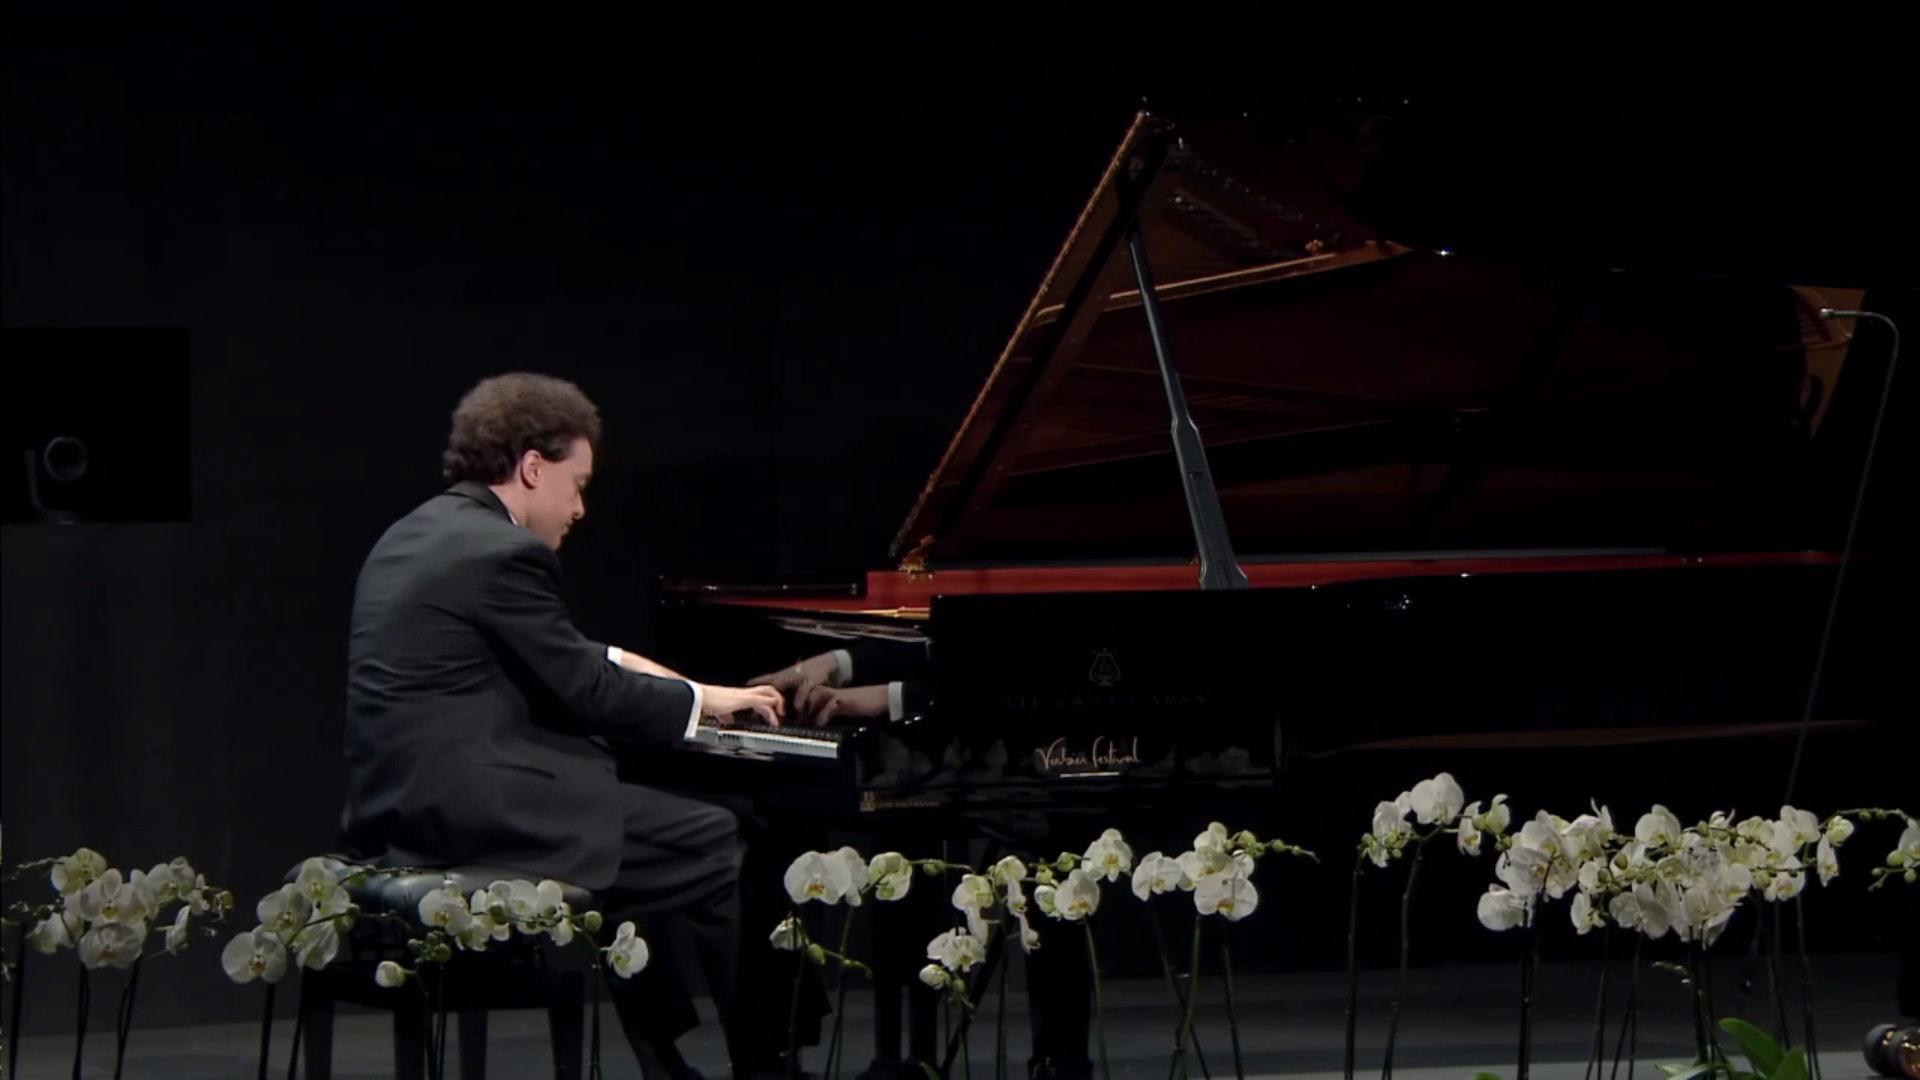 Kissin plays Schubert and Scriabin